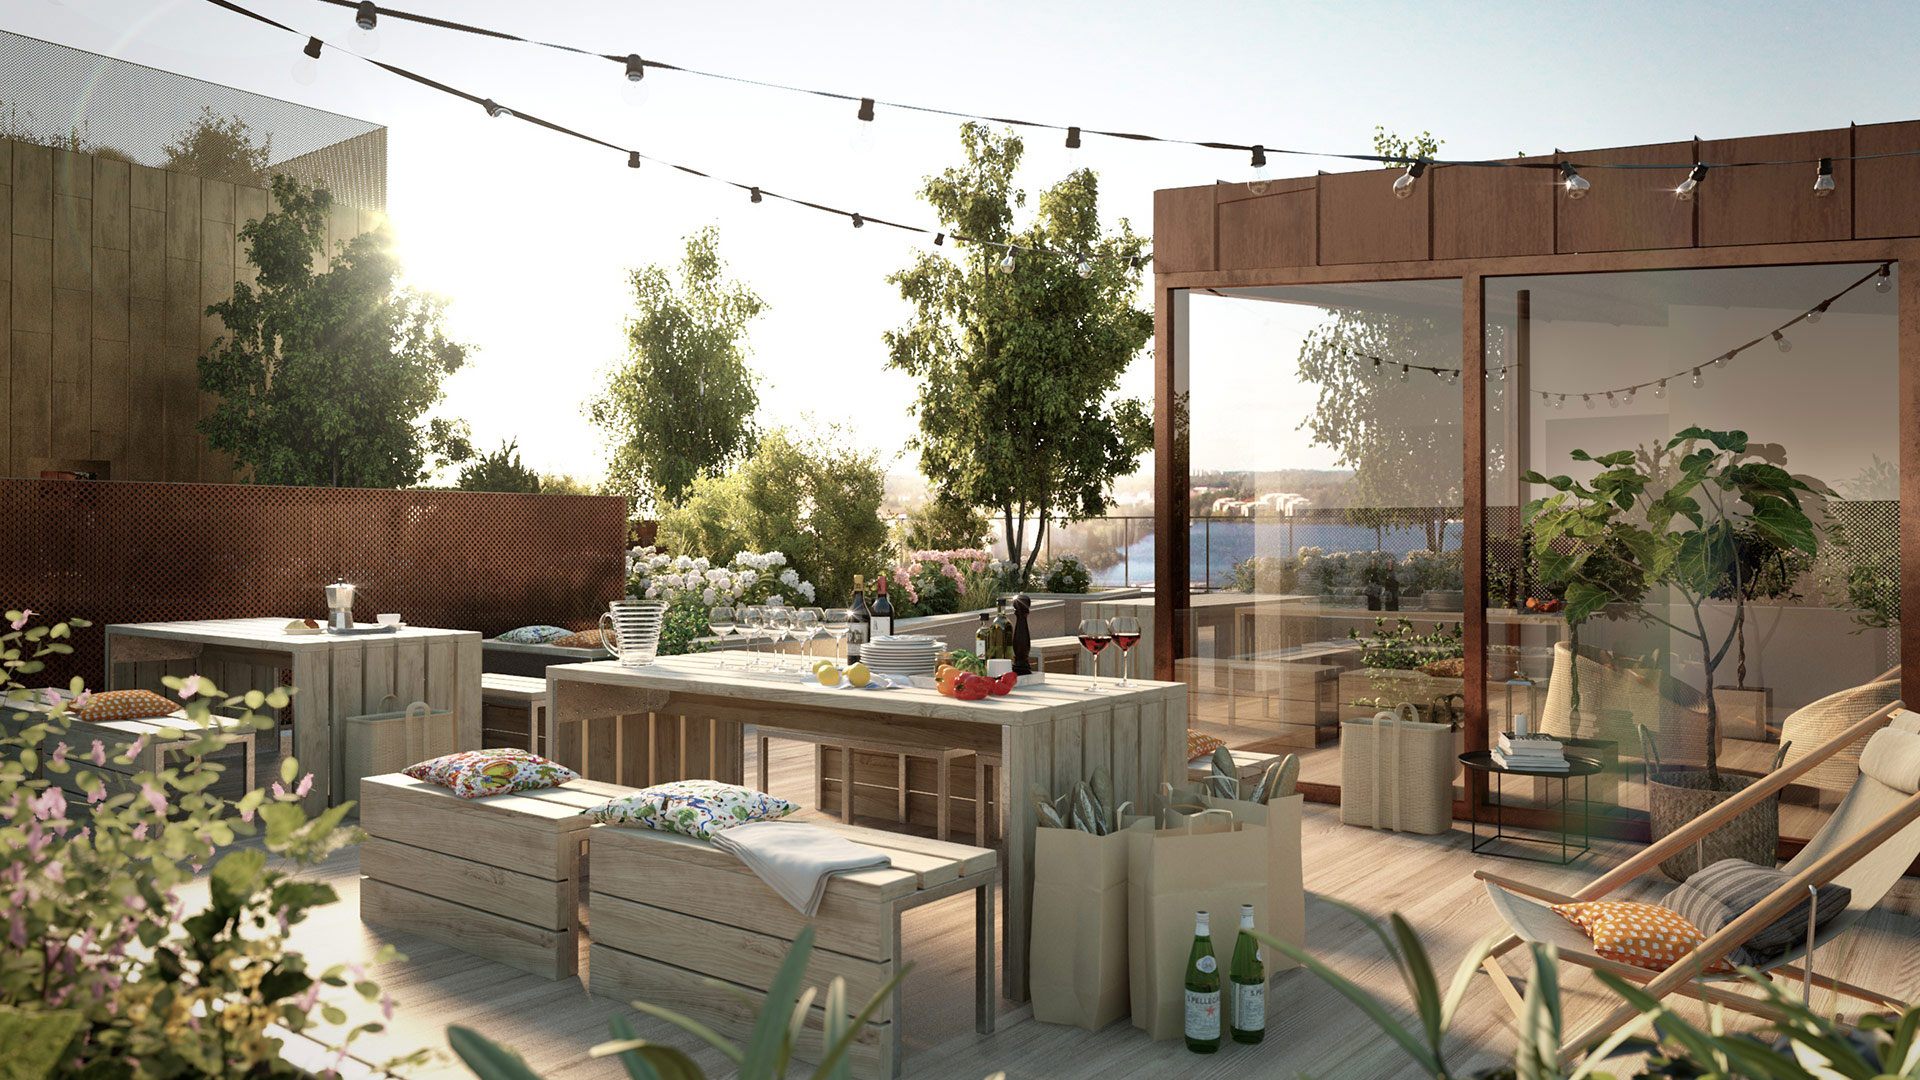 Etaget – ett nytt bostadsrättshus på Kungsholmen i Stockholm där de boende kan använda taket för odling och umgänge. Foto: Tobin Properties